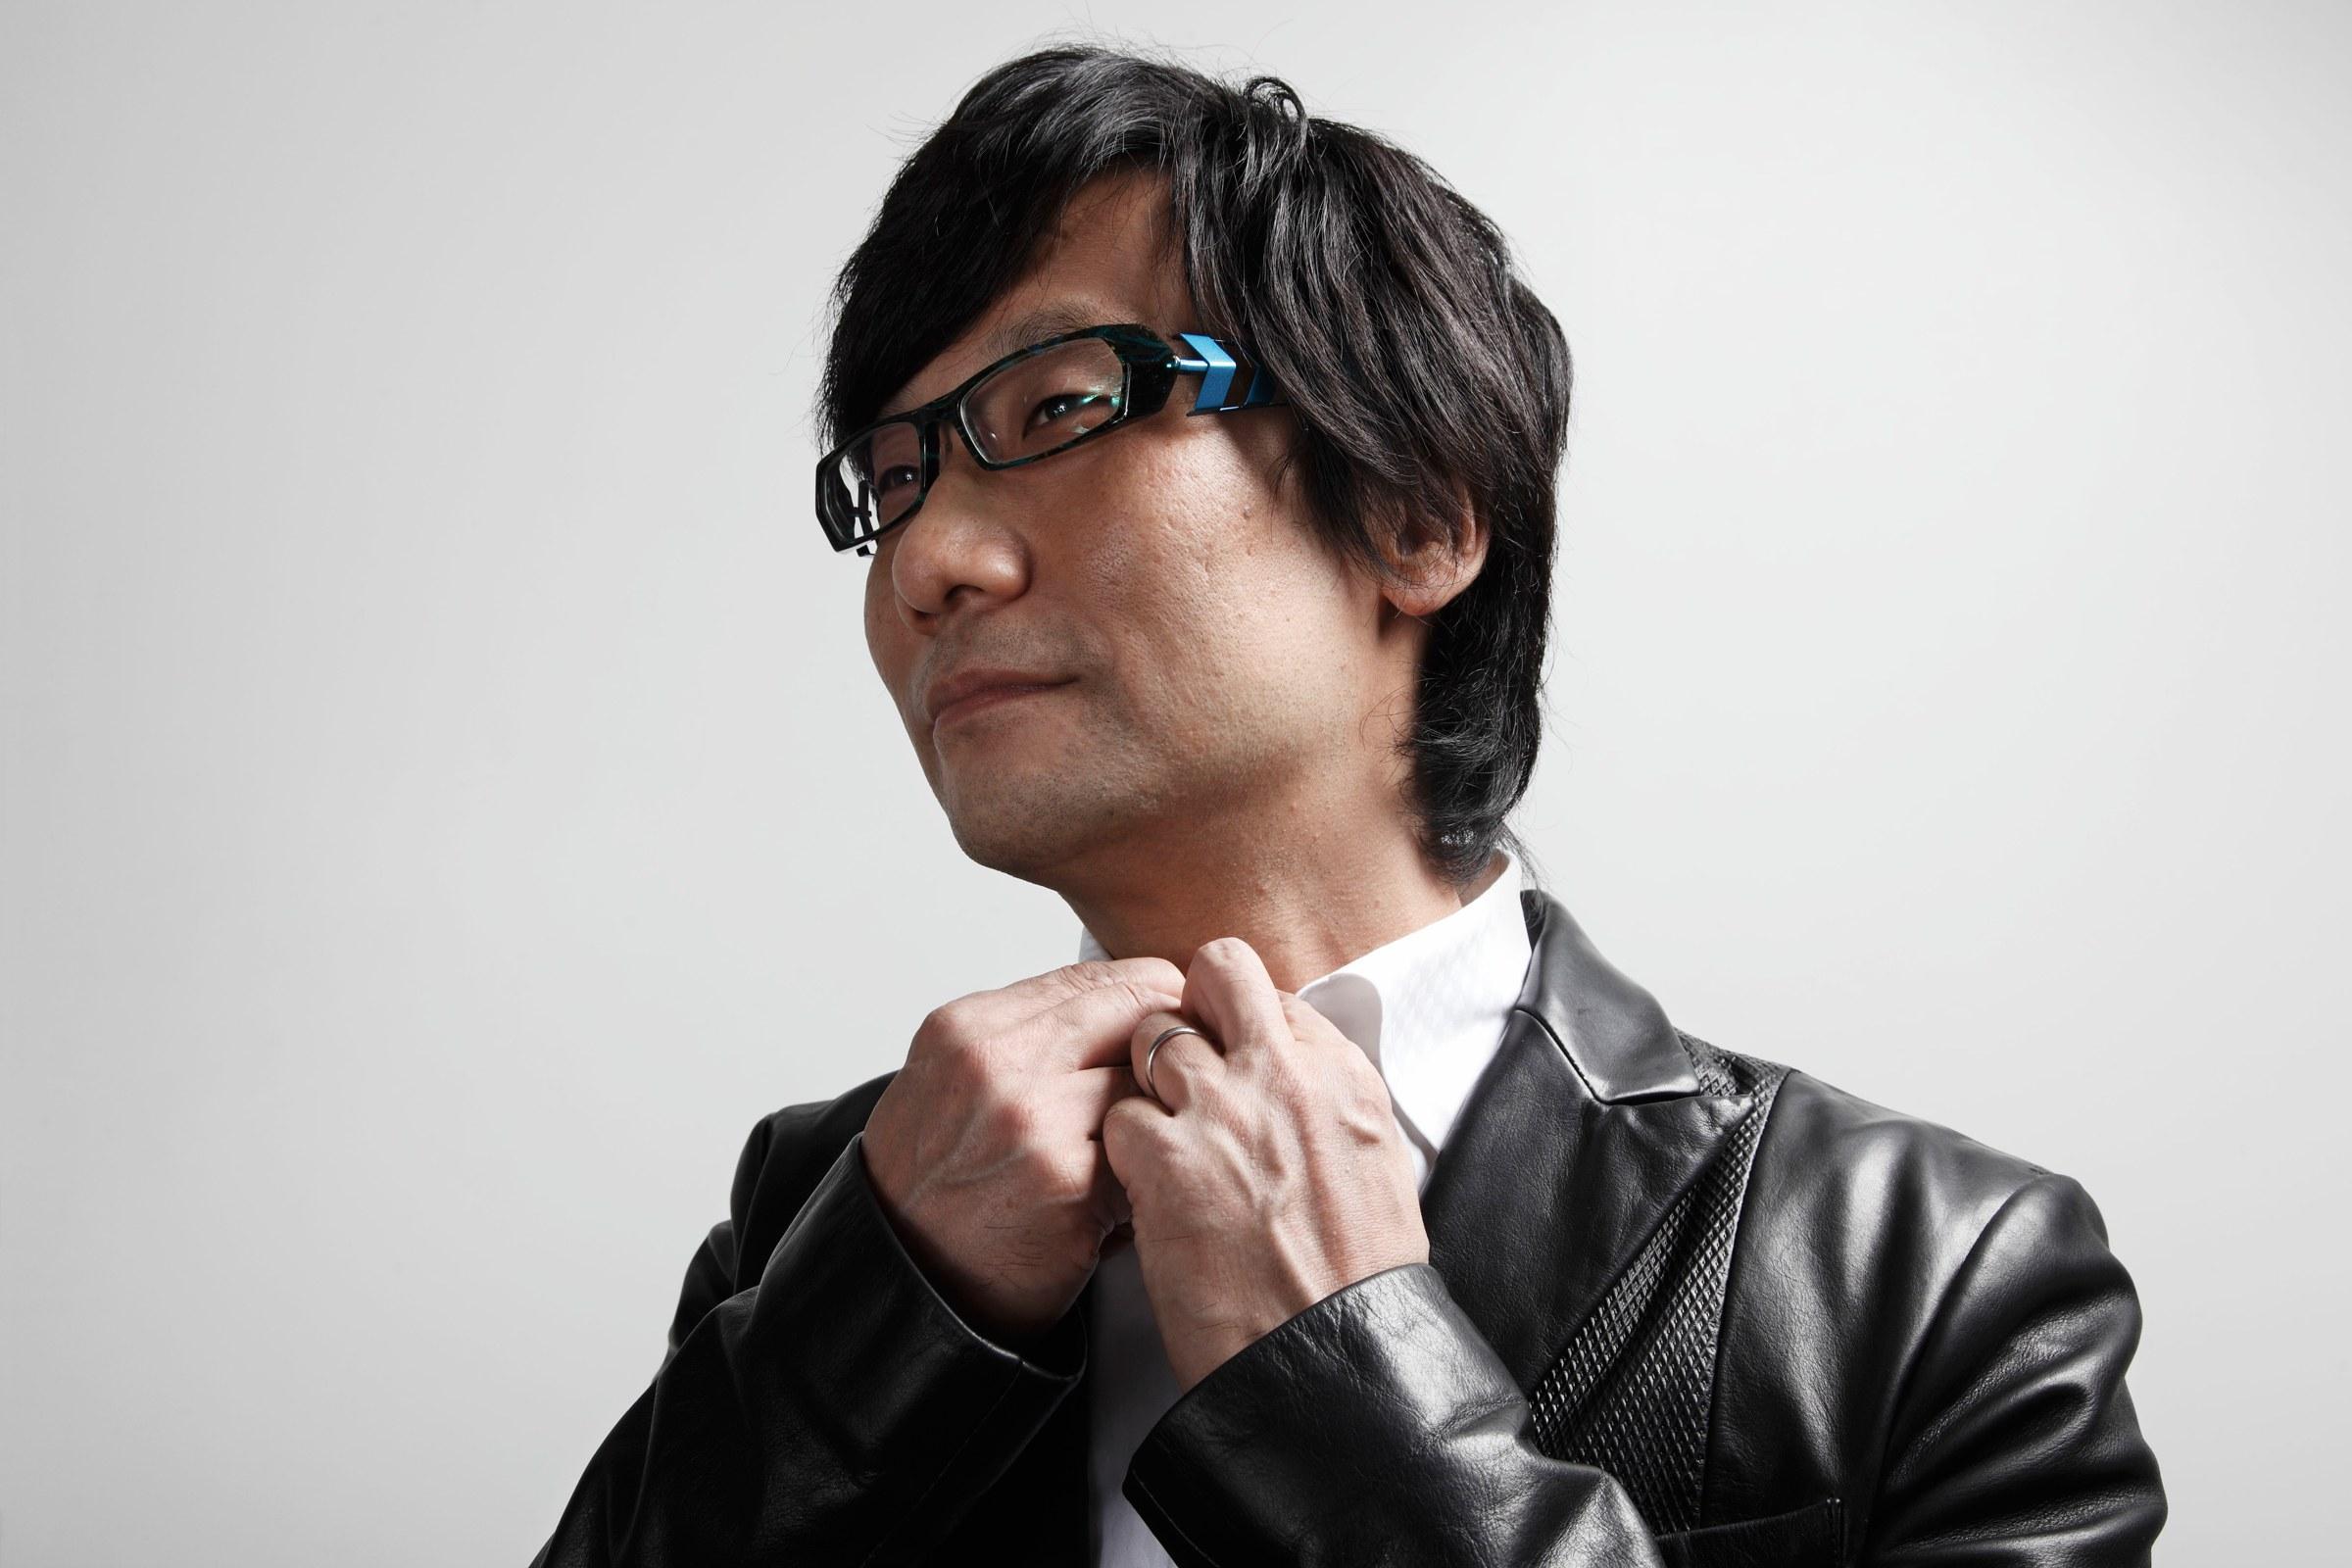 Guillermo del Toro presentará a Hideo Kojima en el 'Salón de la Fama' DICE 2016 Metal_gear_solid_5-3217366